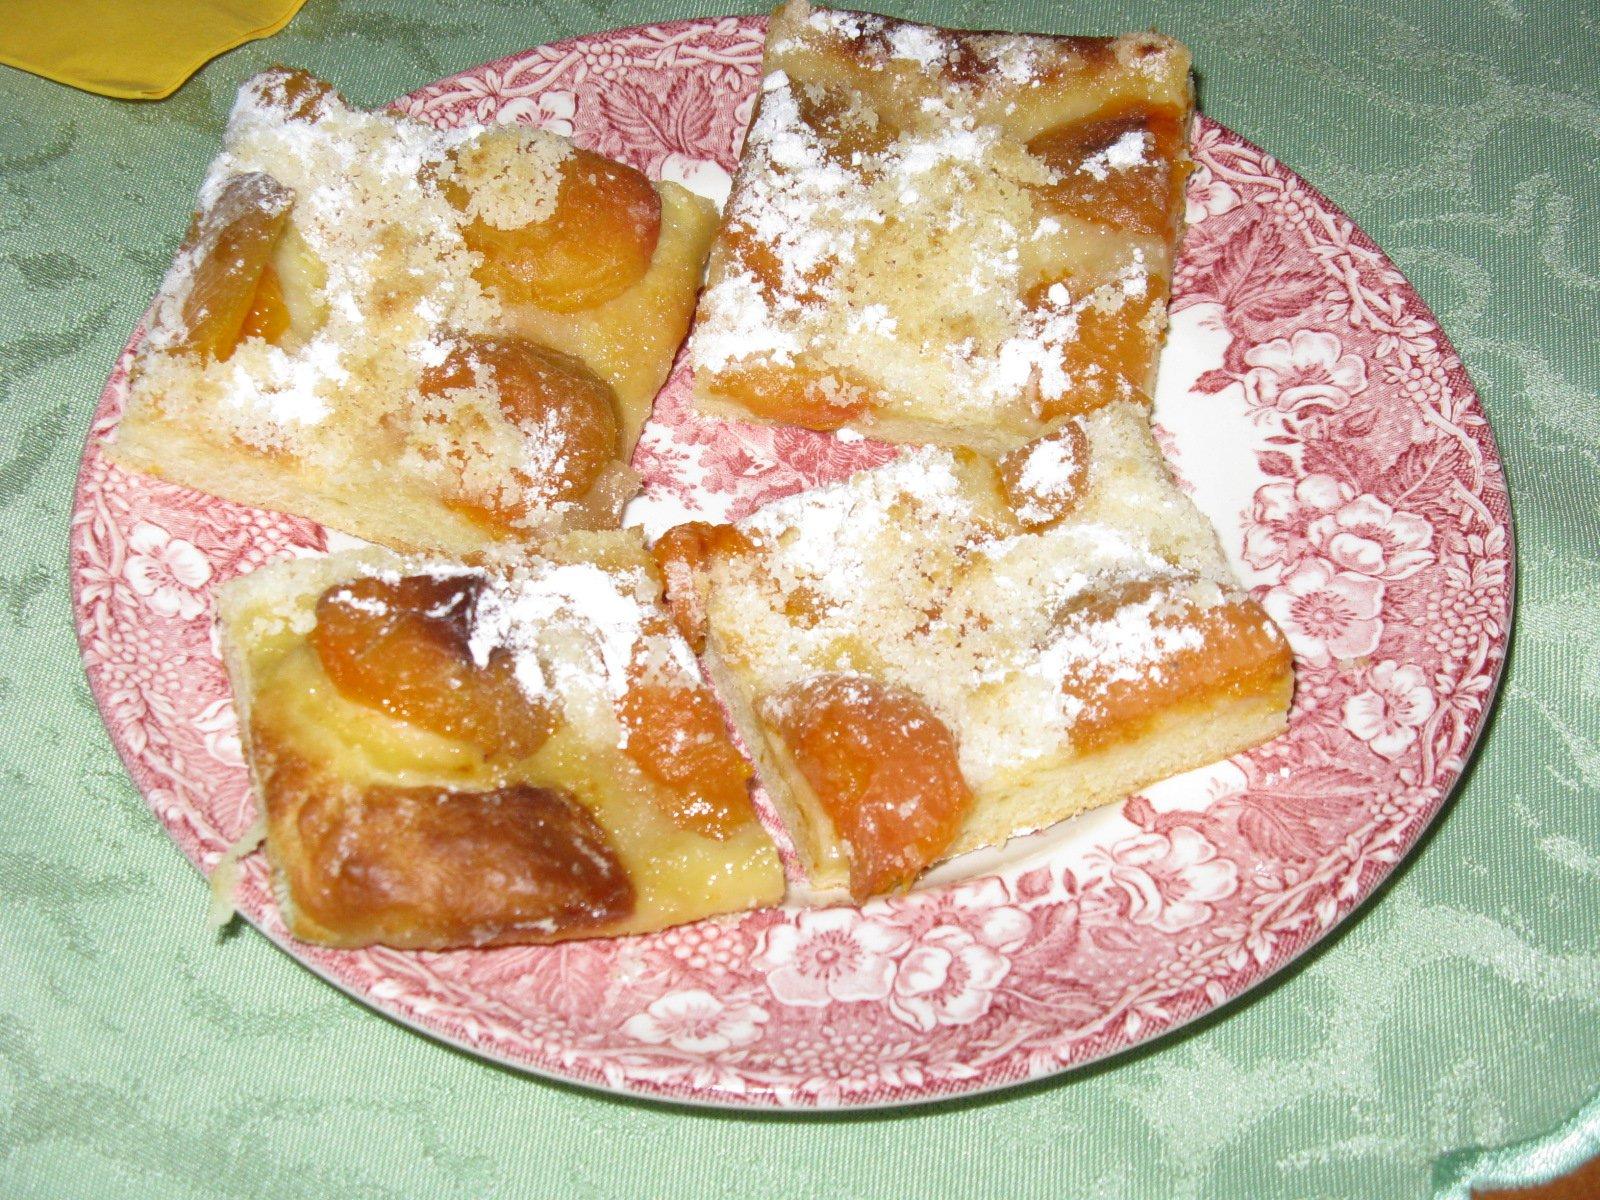 Recept Snadný meruňkový koláč - Snadný meruňkový koláč